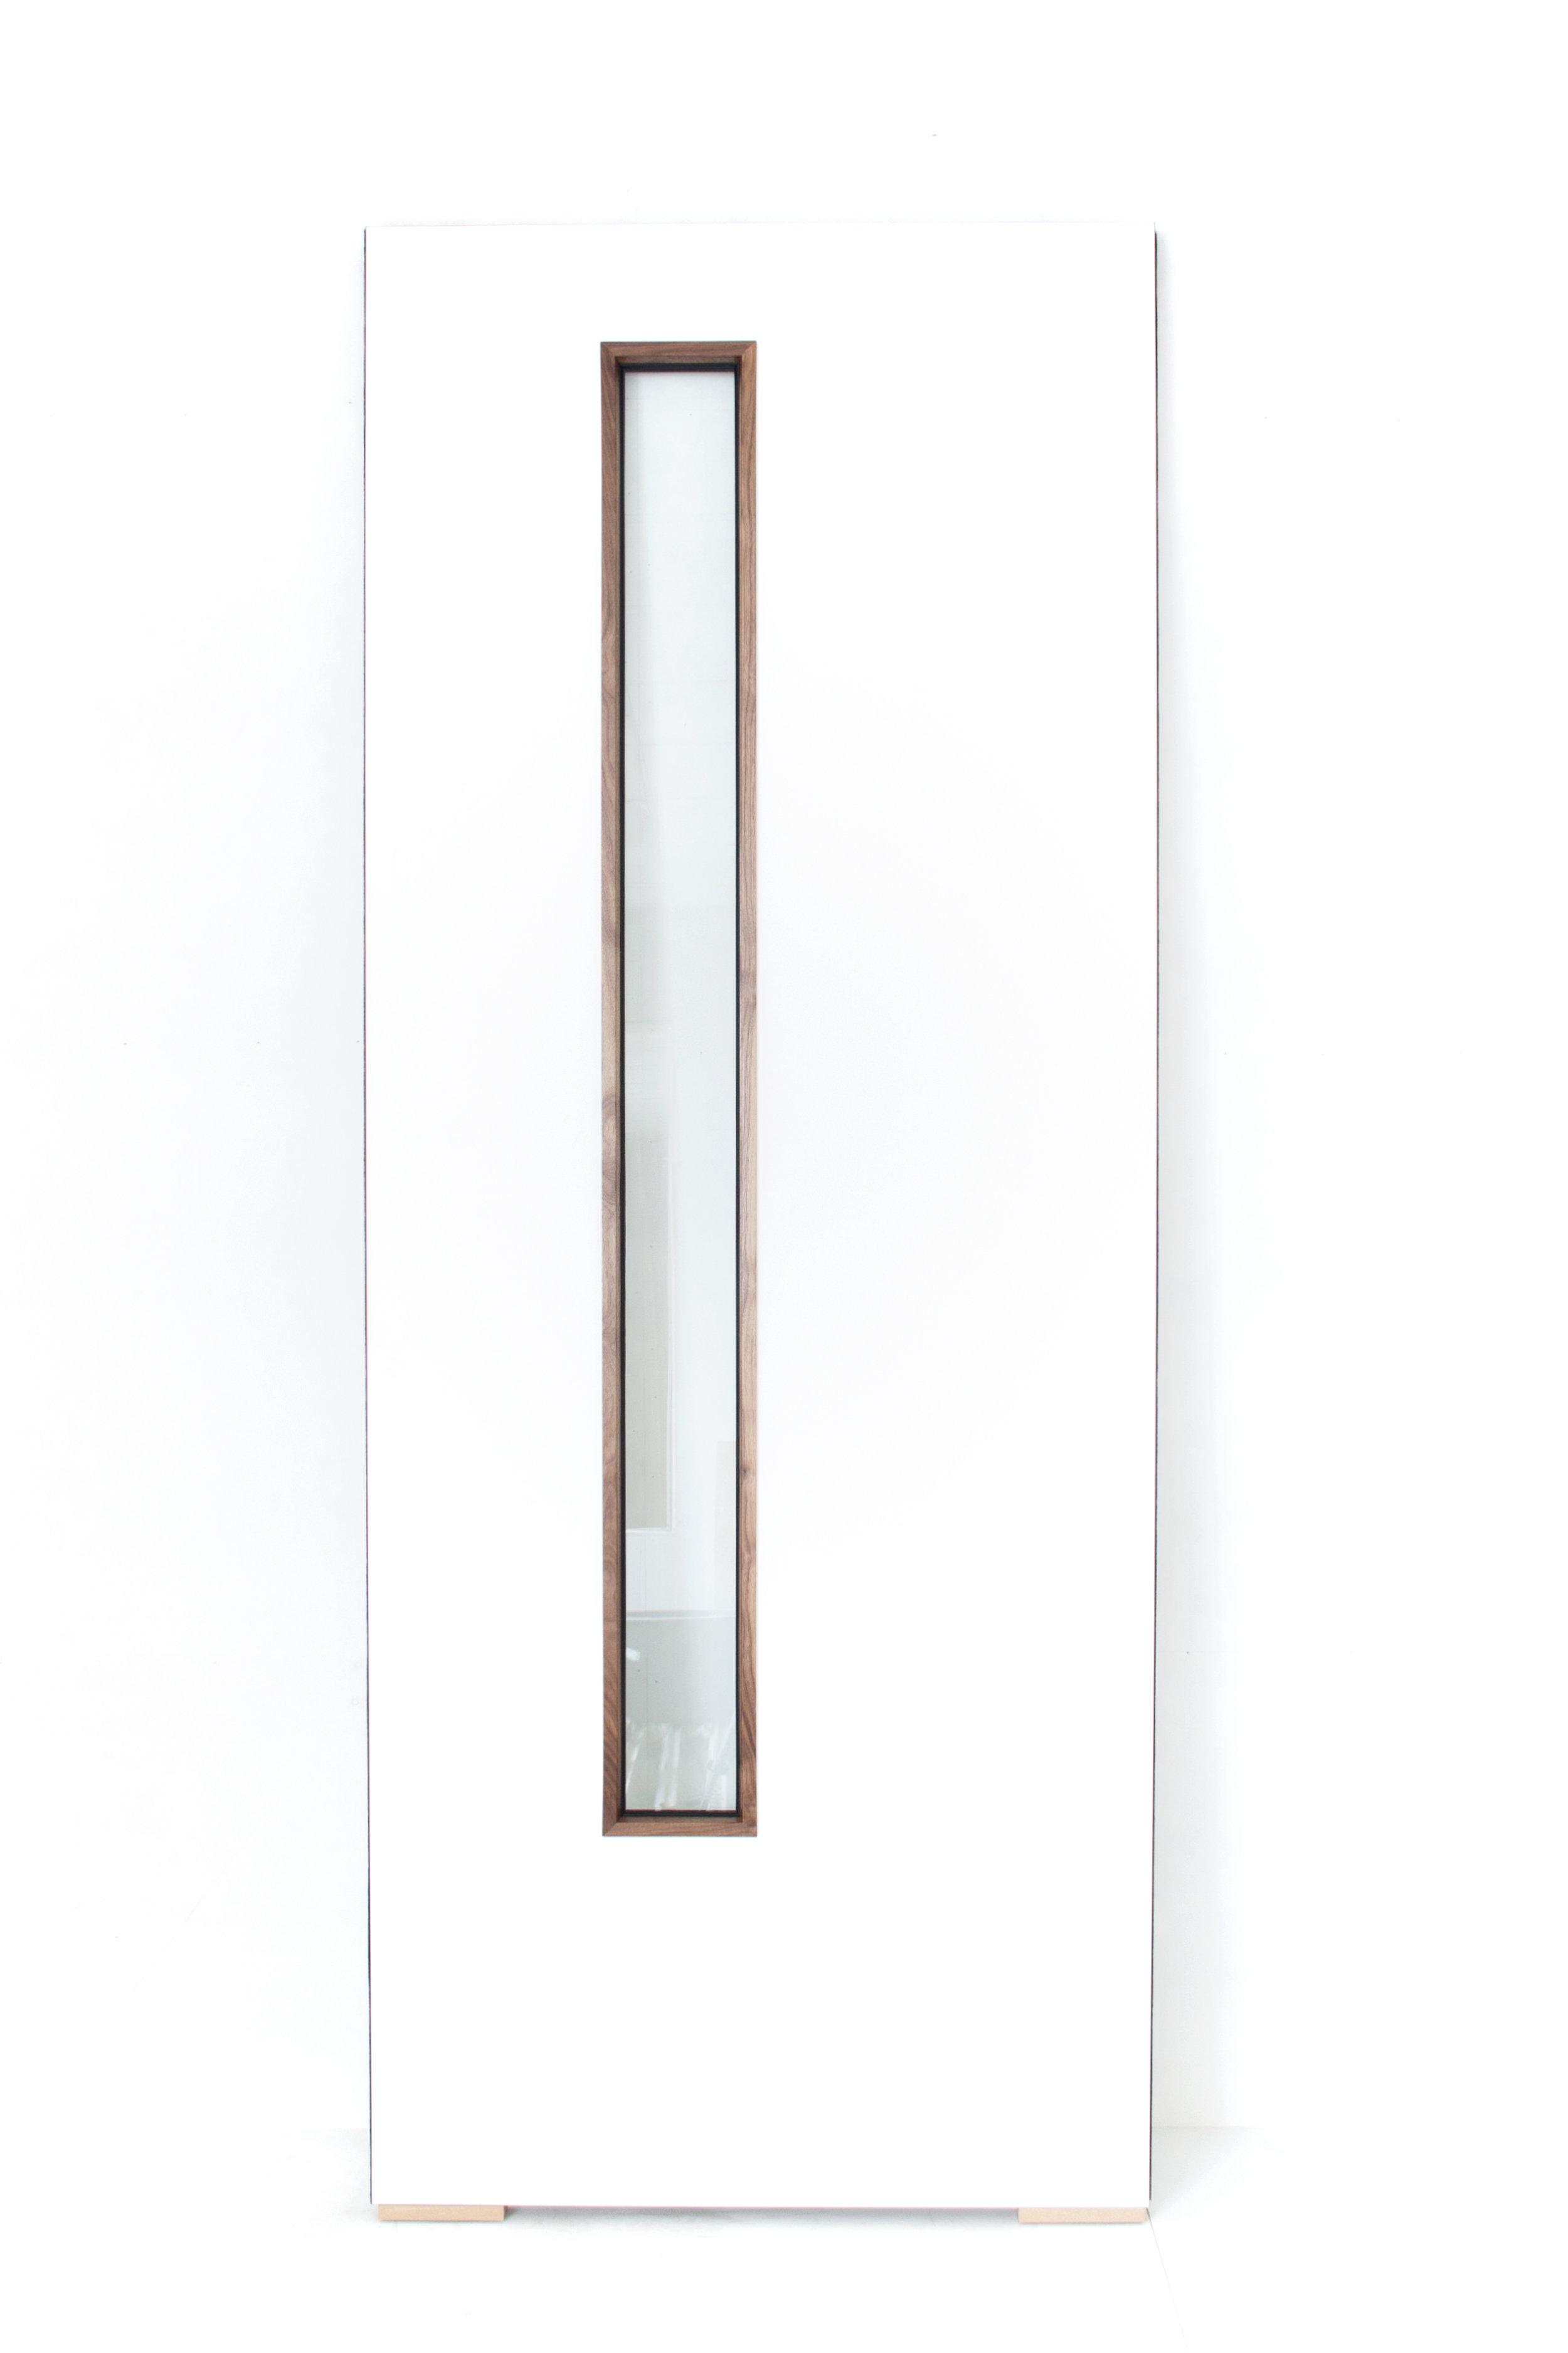 White Laminate Door with Walnut Beads